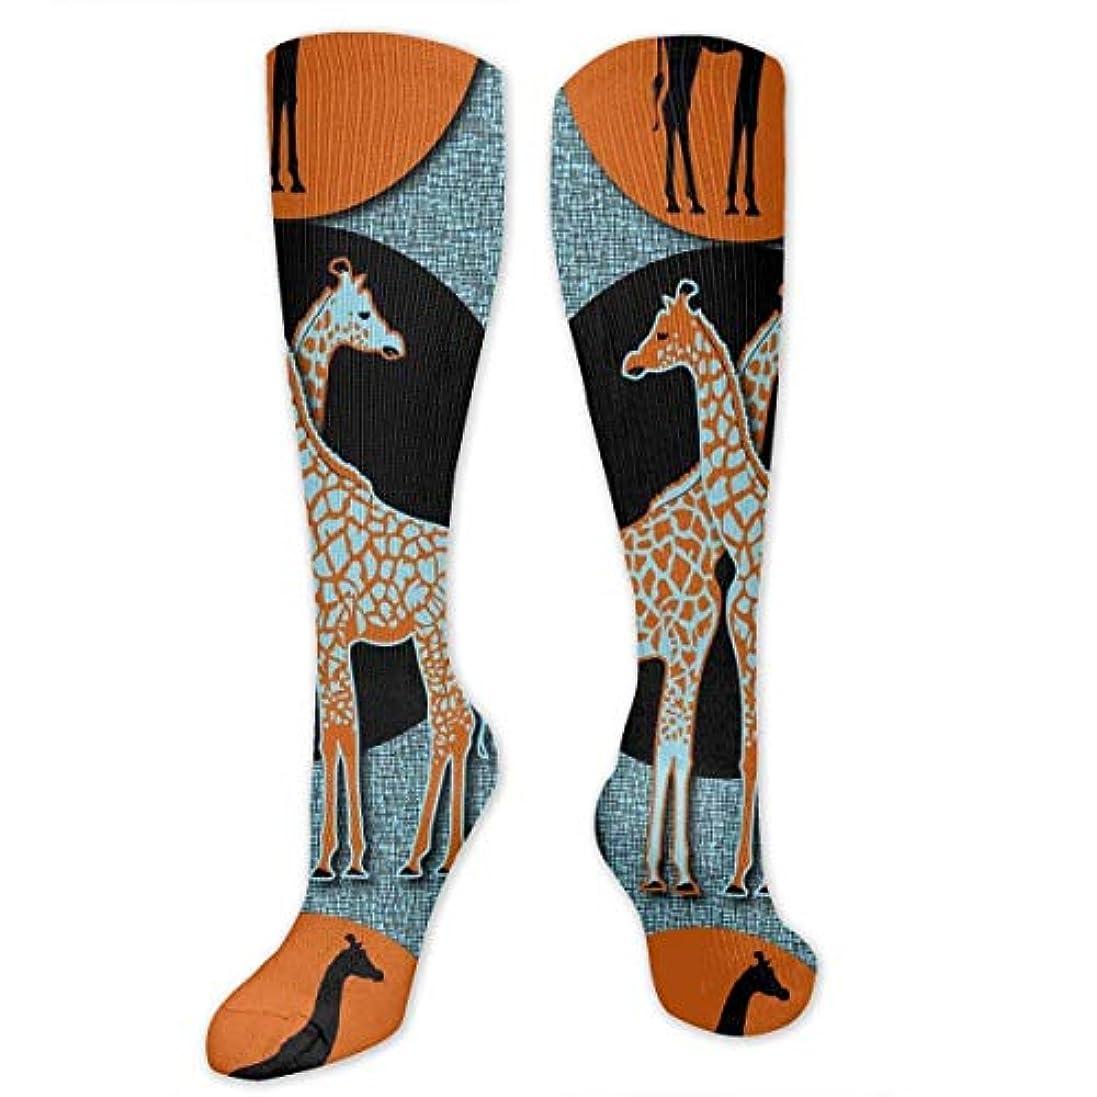 フライト宮殿言語学3 D抗菌アスレチックソックス圧縮靴下クルーソックスロングスポーツ膝ハイソックス少年少女キッズ幼児用